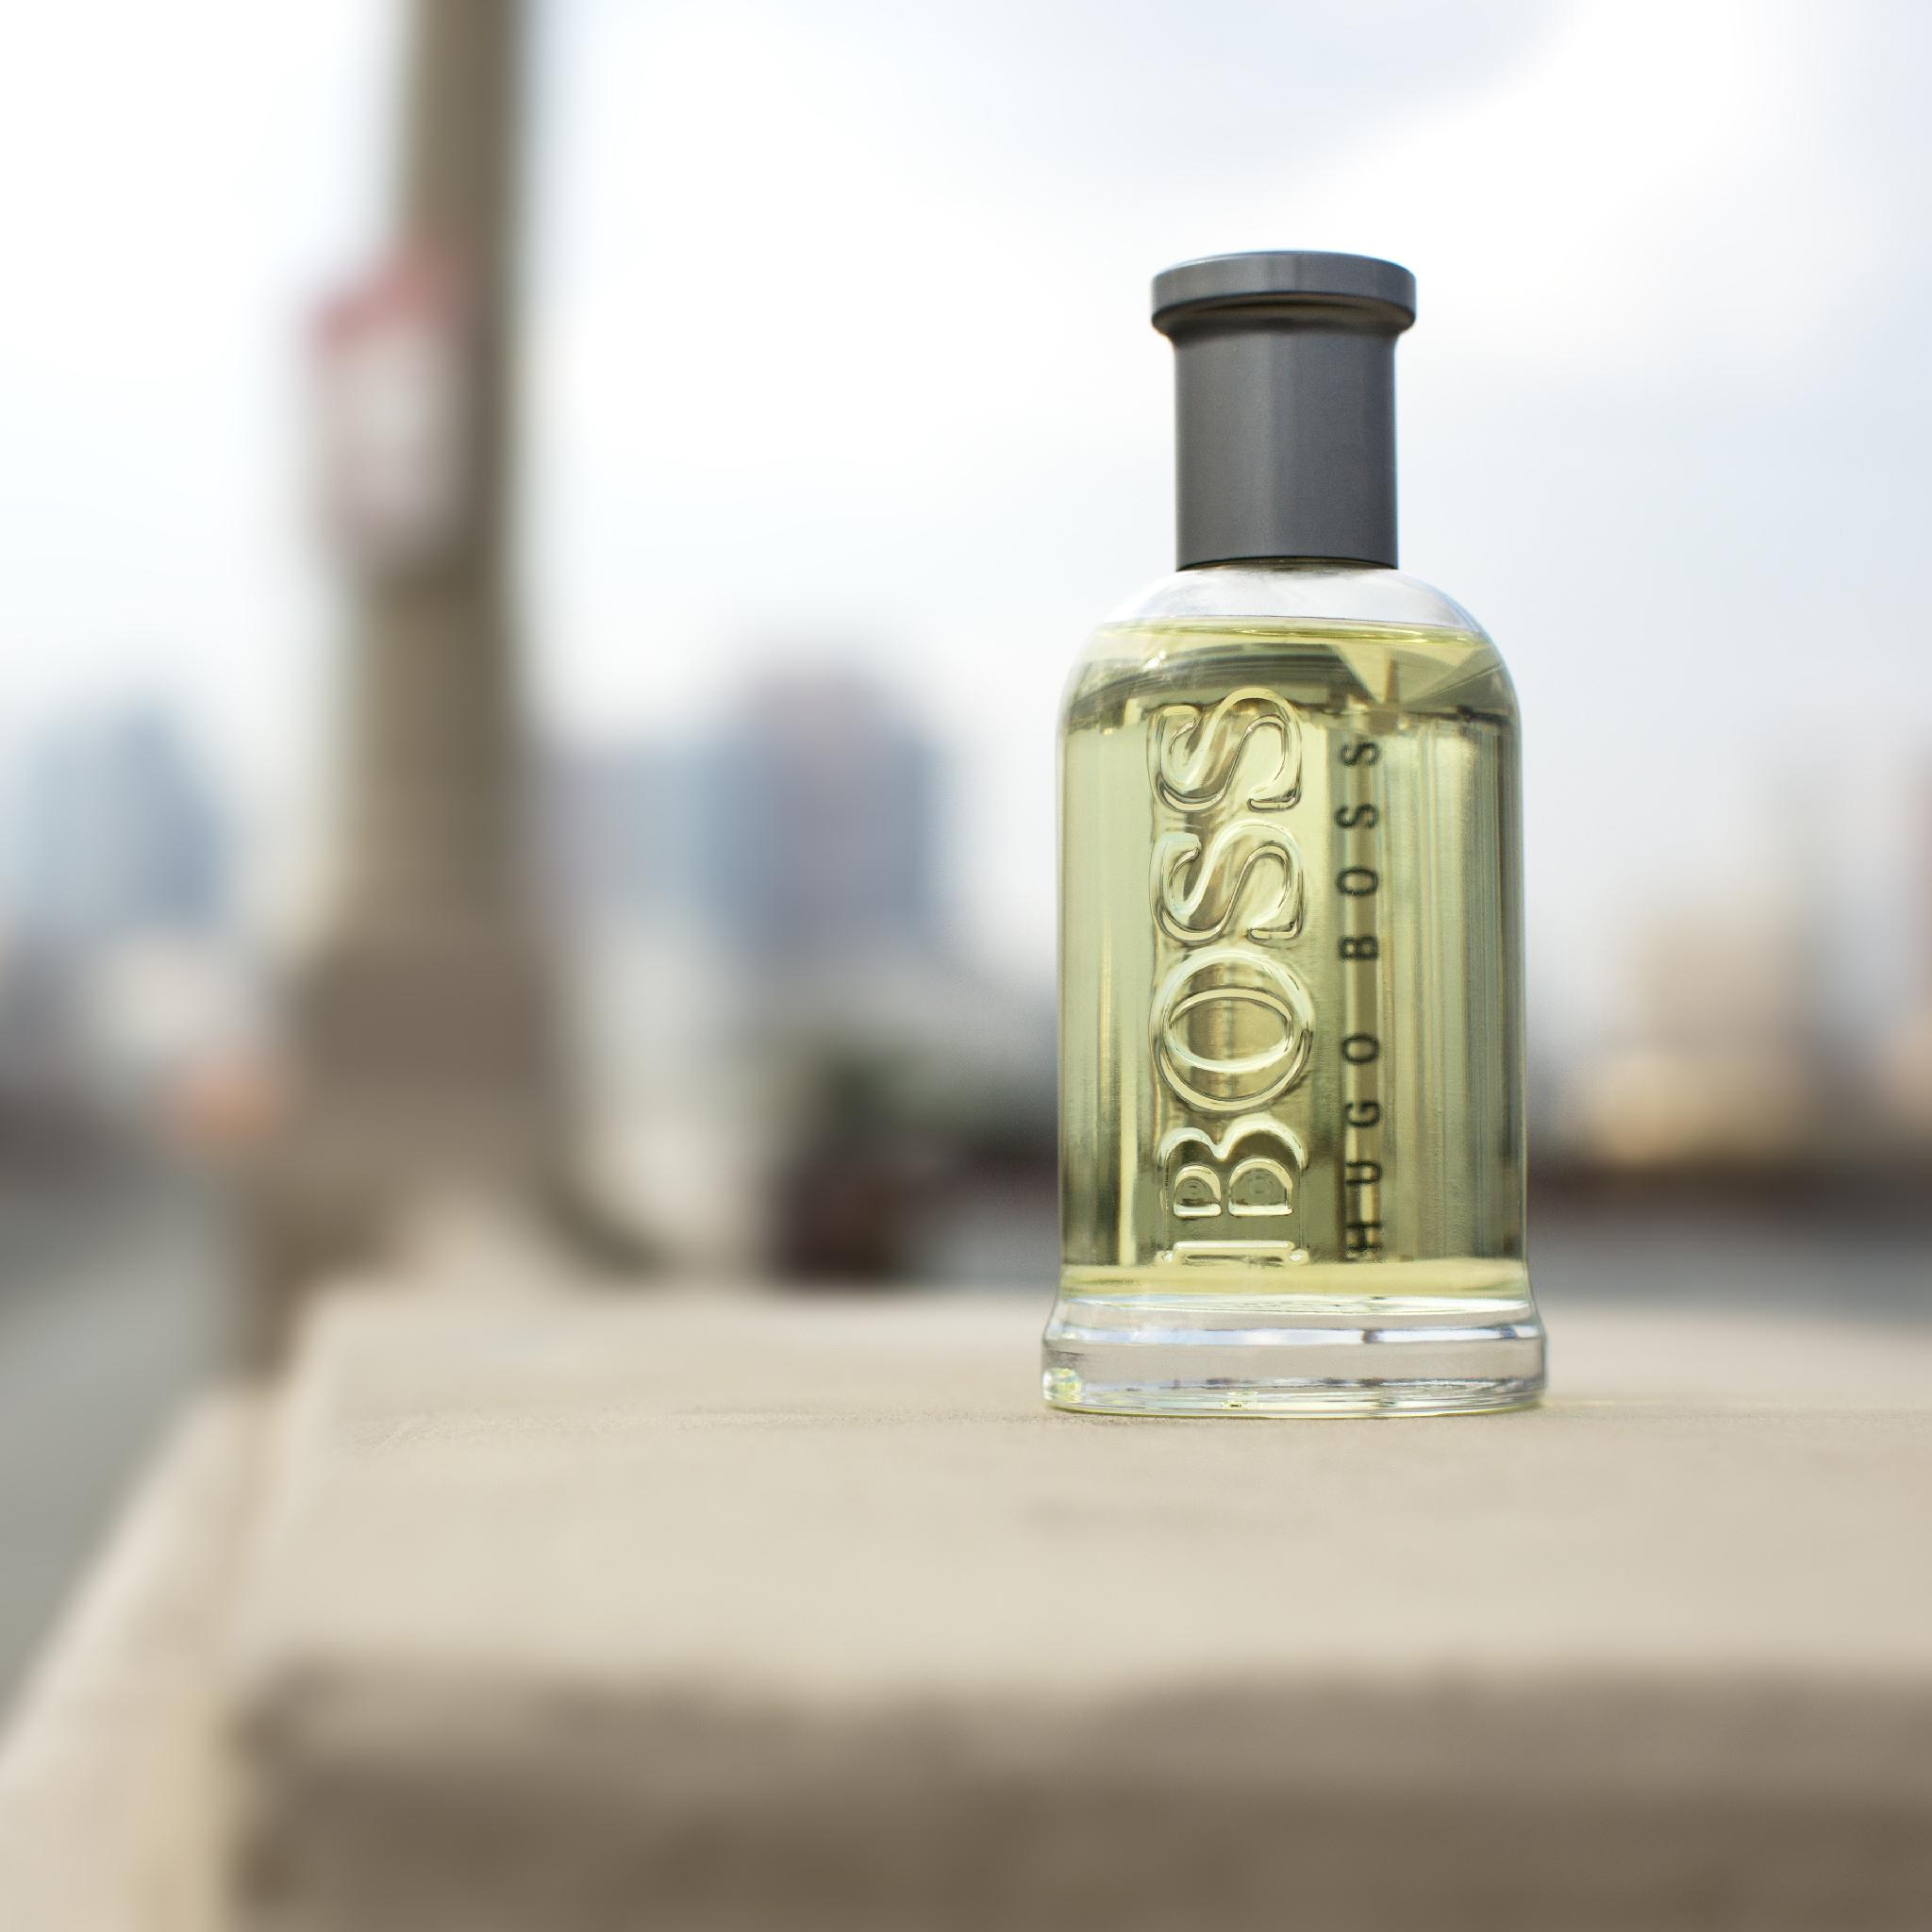 BOSS Bottled fragrances: Classic